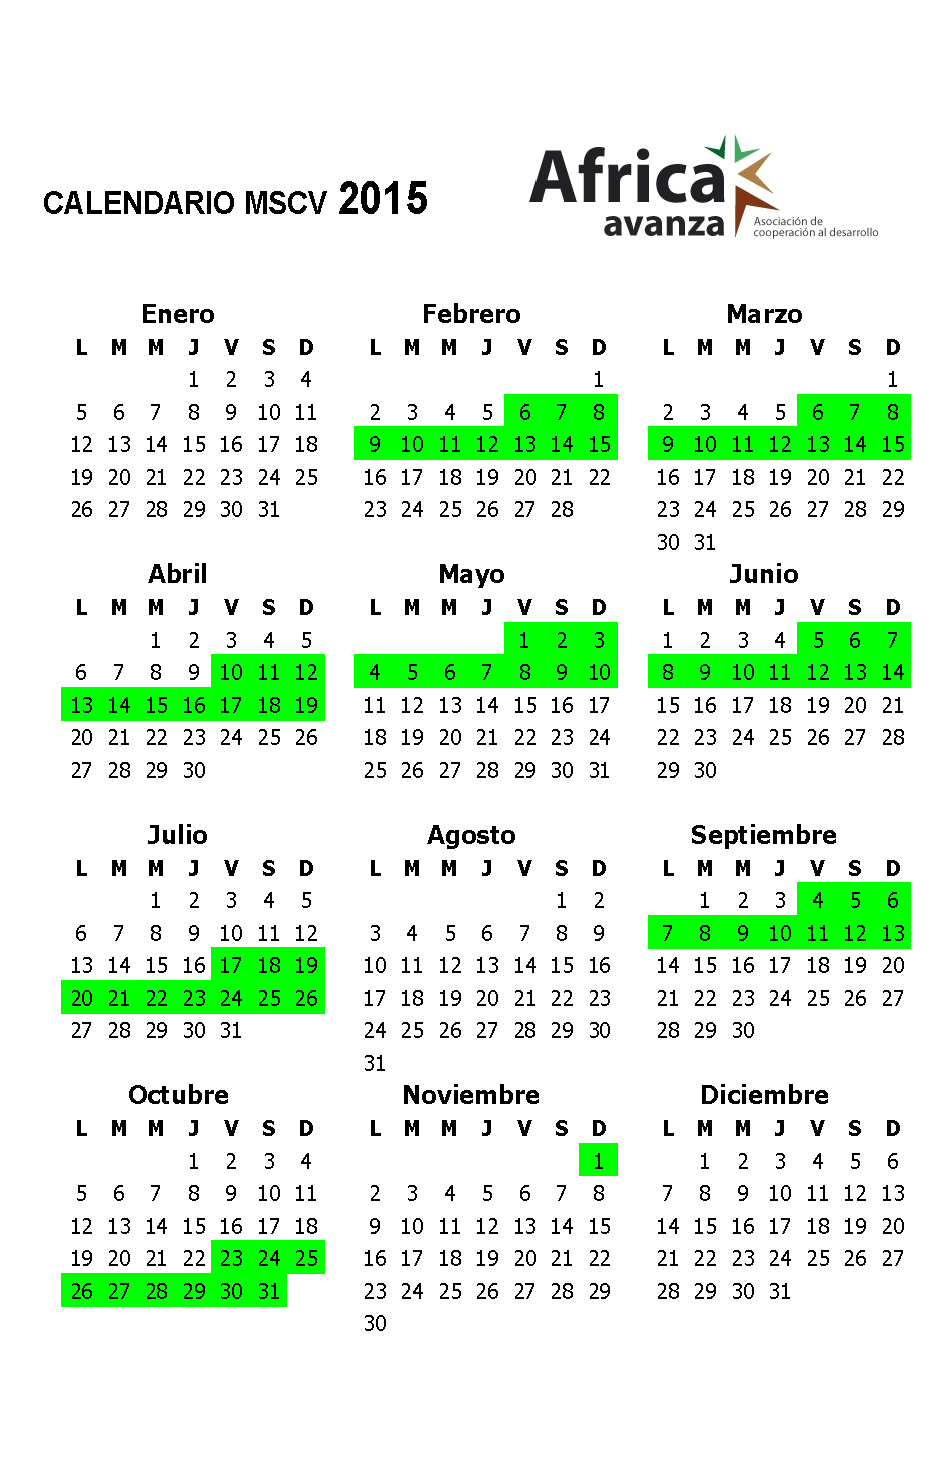 Calendario MSCV 2015